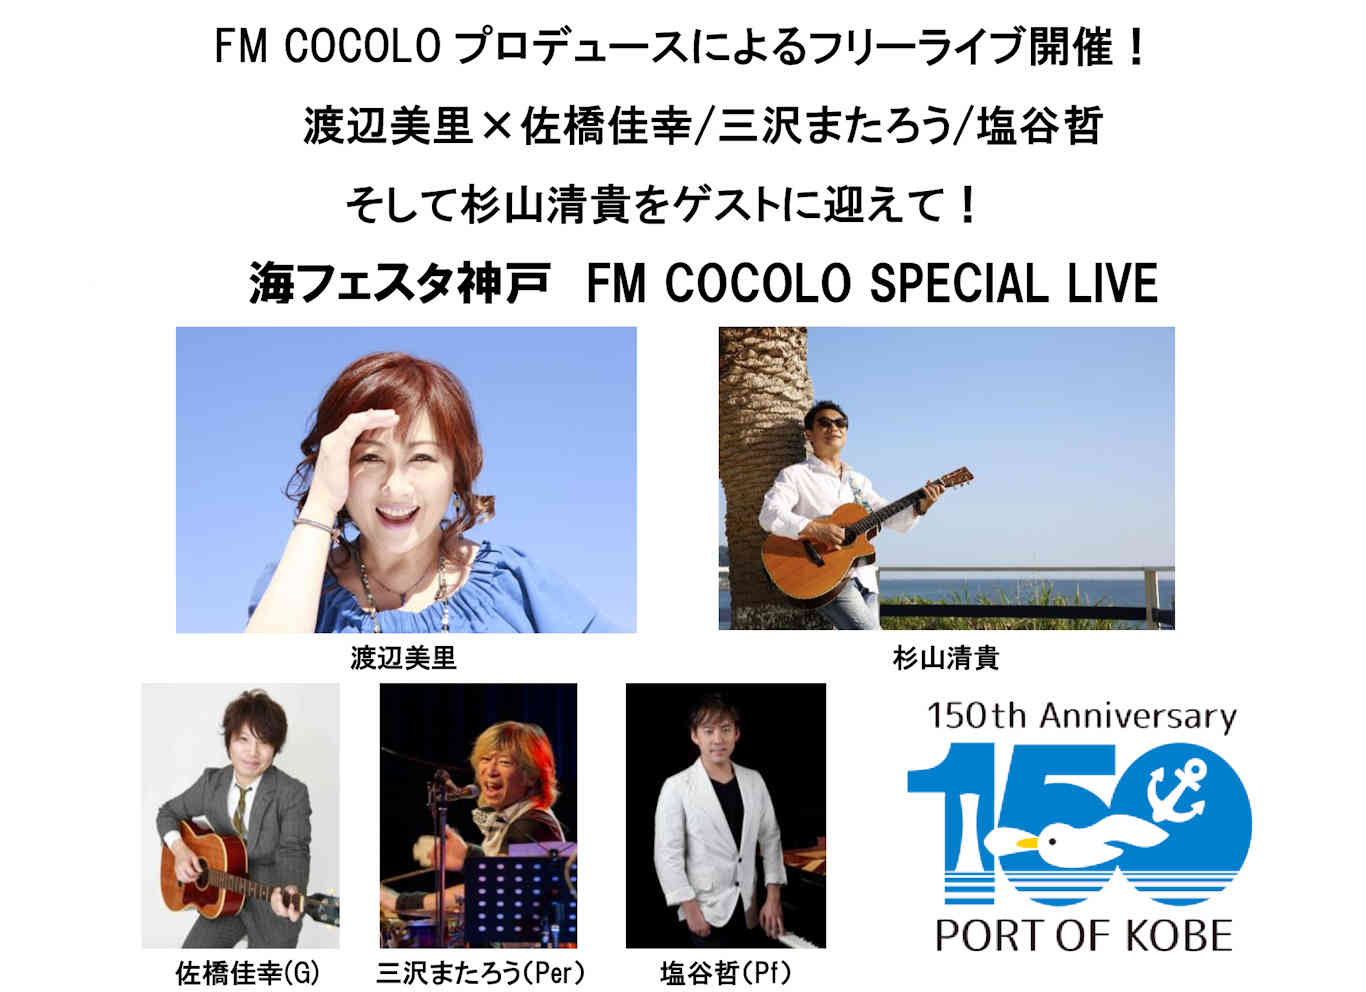 FM COCOLO スペシャルライブ